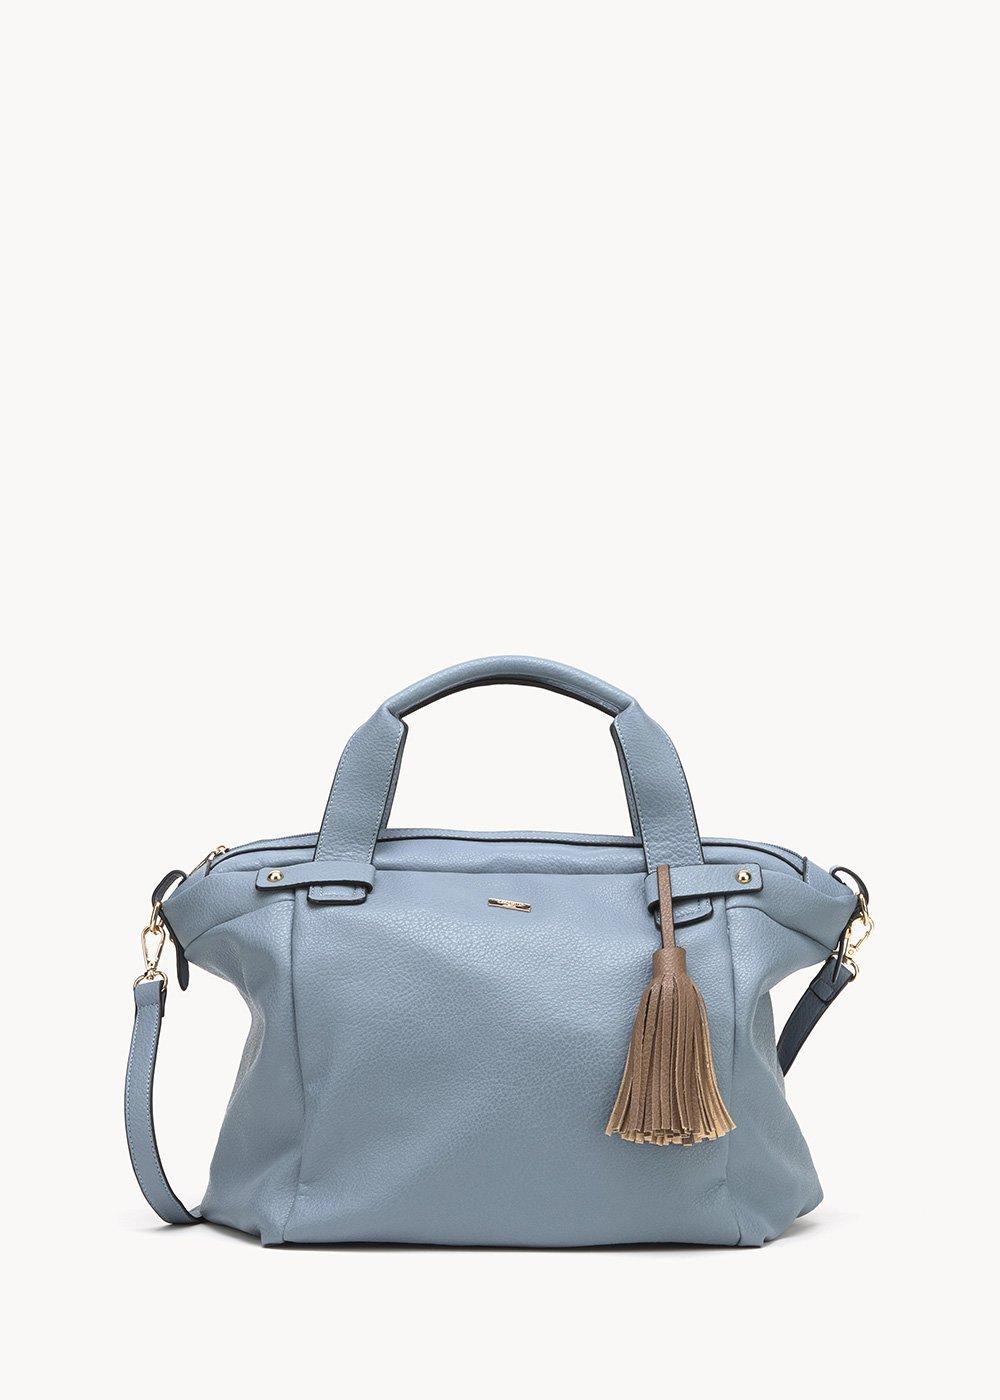 Shopping bag Bady rugiada - Rugiada - Donna